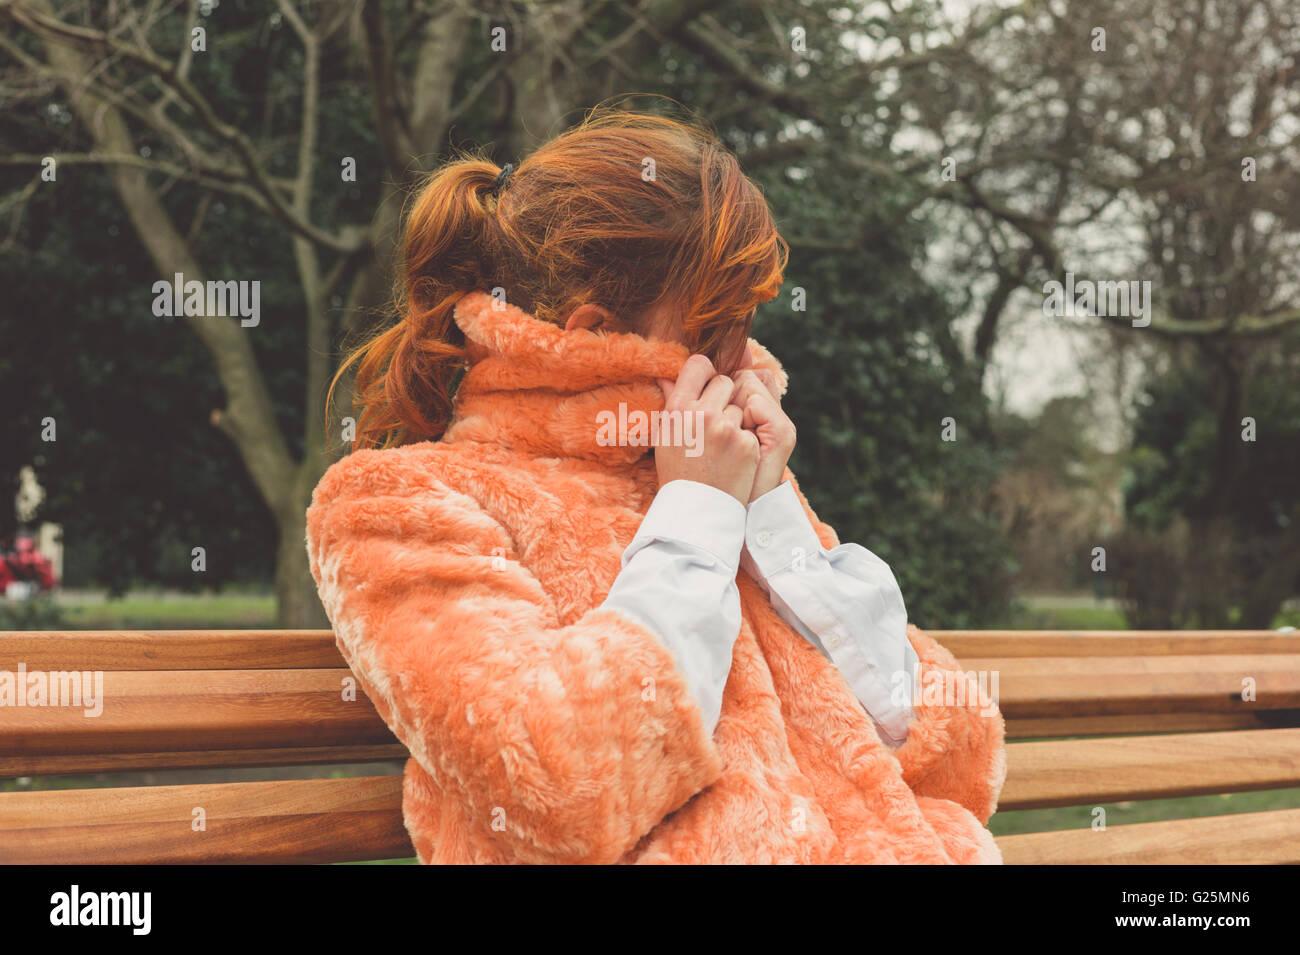 Una giovane donna è seduta su una panchina nel parco e si avvolge nella sua mano su una giornata invernale Immagini Stock